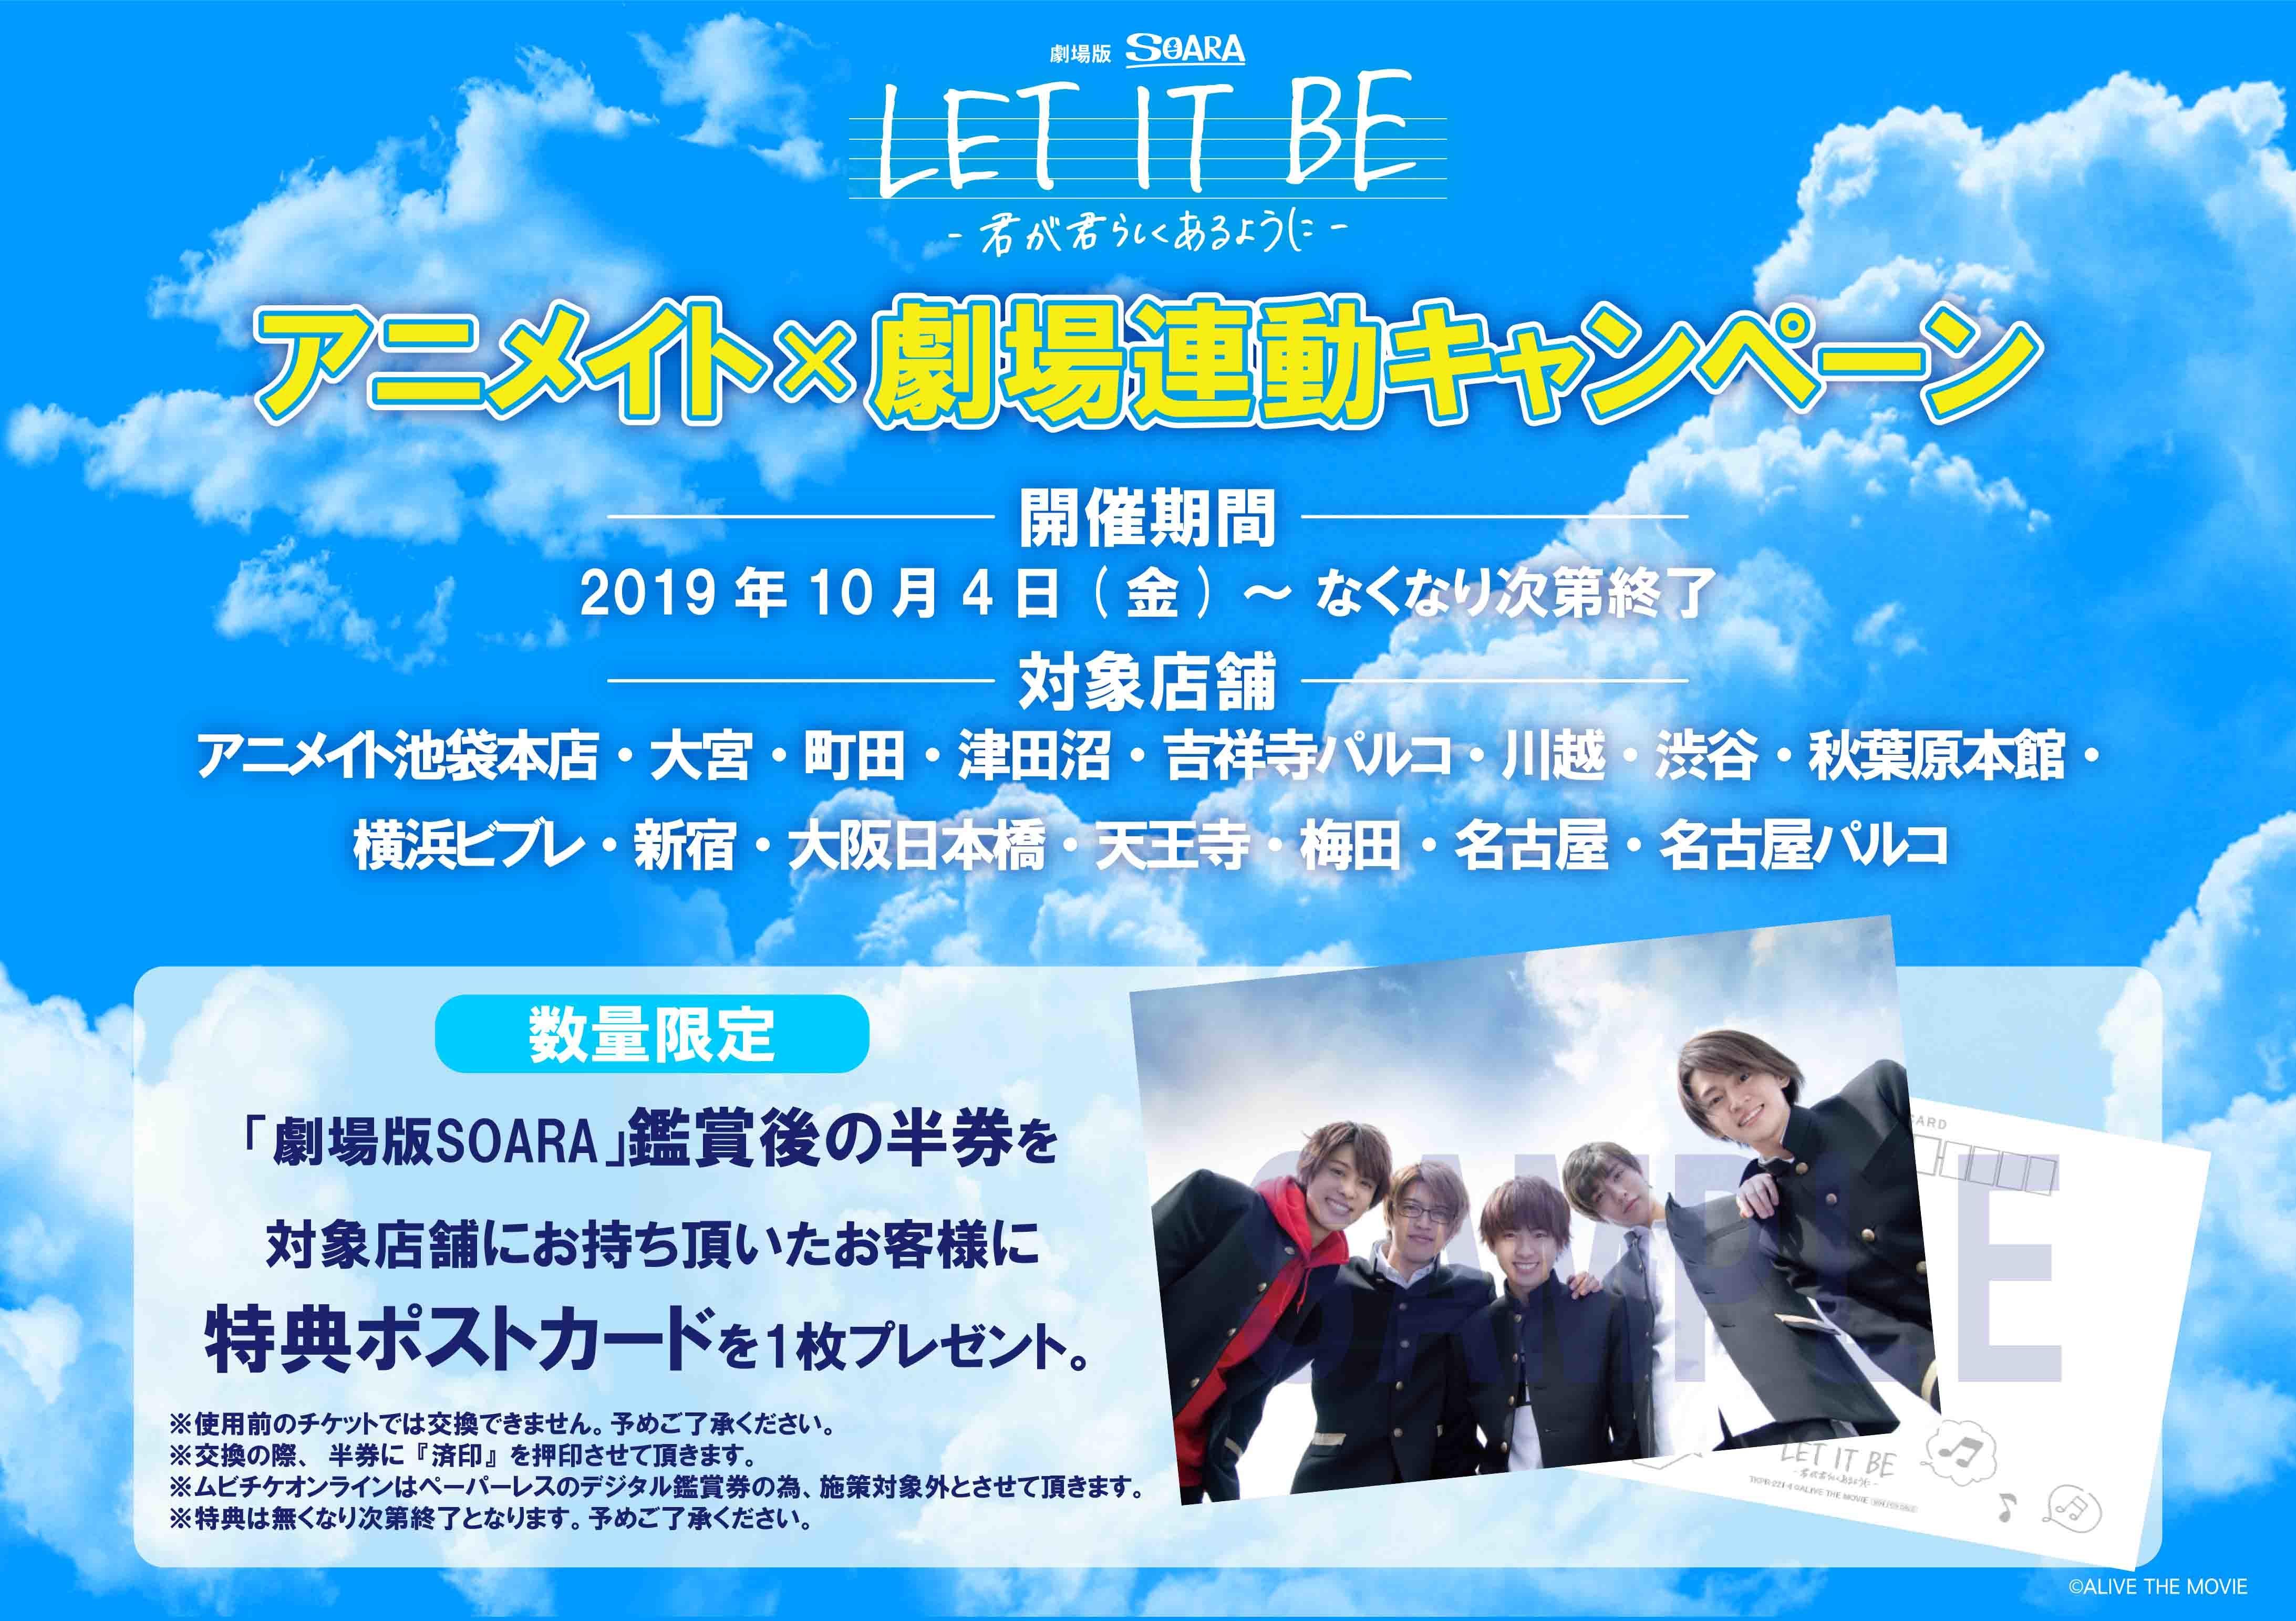 『劇場版SOARA』 アニメイト×劇場連動キャンペーン実施決定!